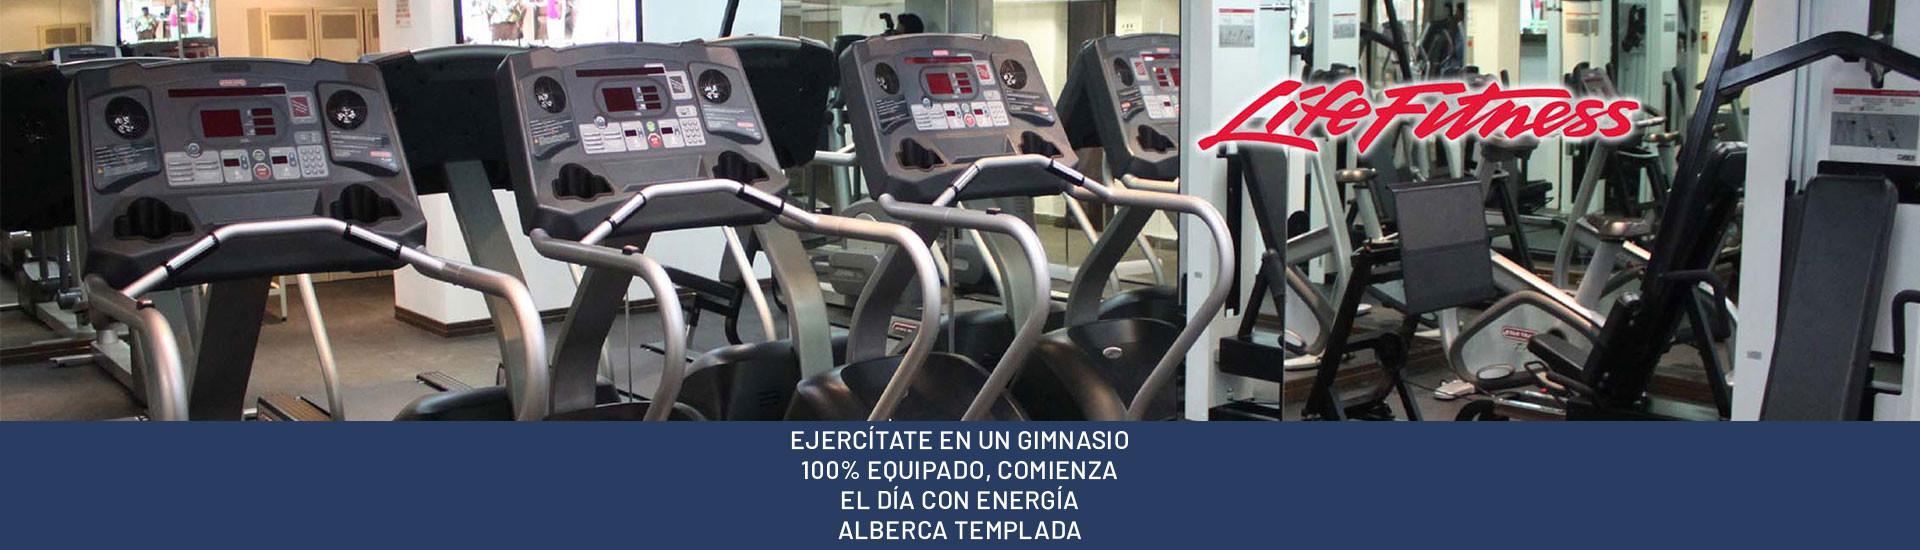 EJERCÍTATE EN UN GIMNASIO 100% EQUIPADO, COMIENZA EL DÍA CON ENERGÍA